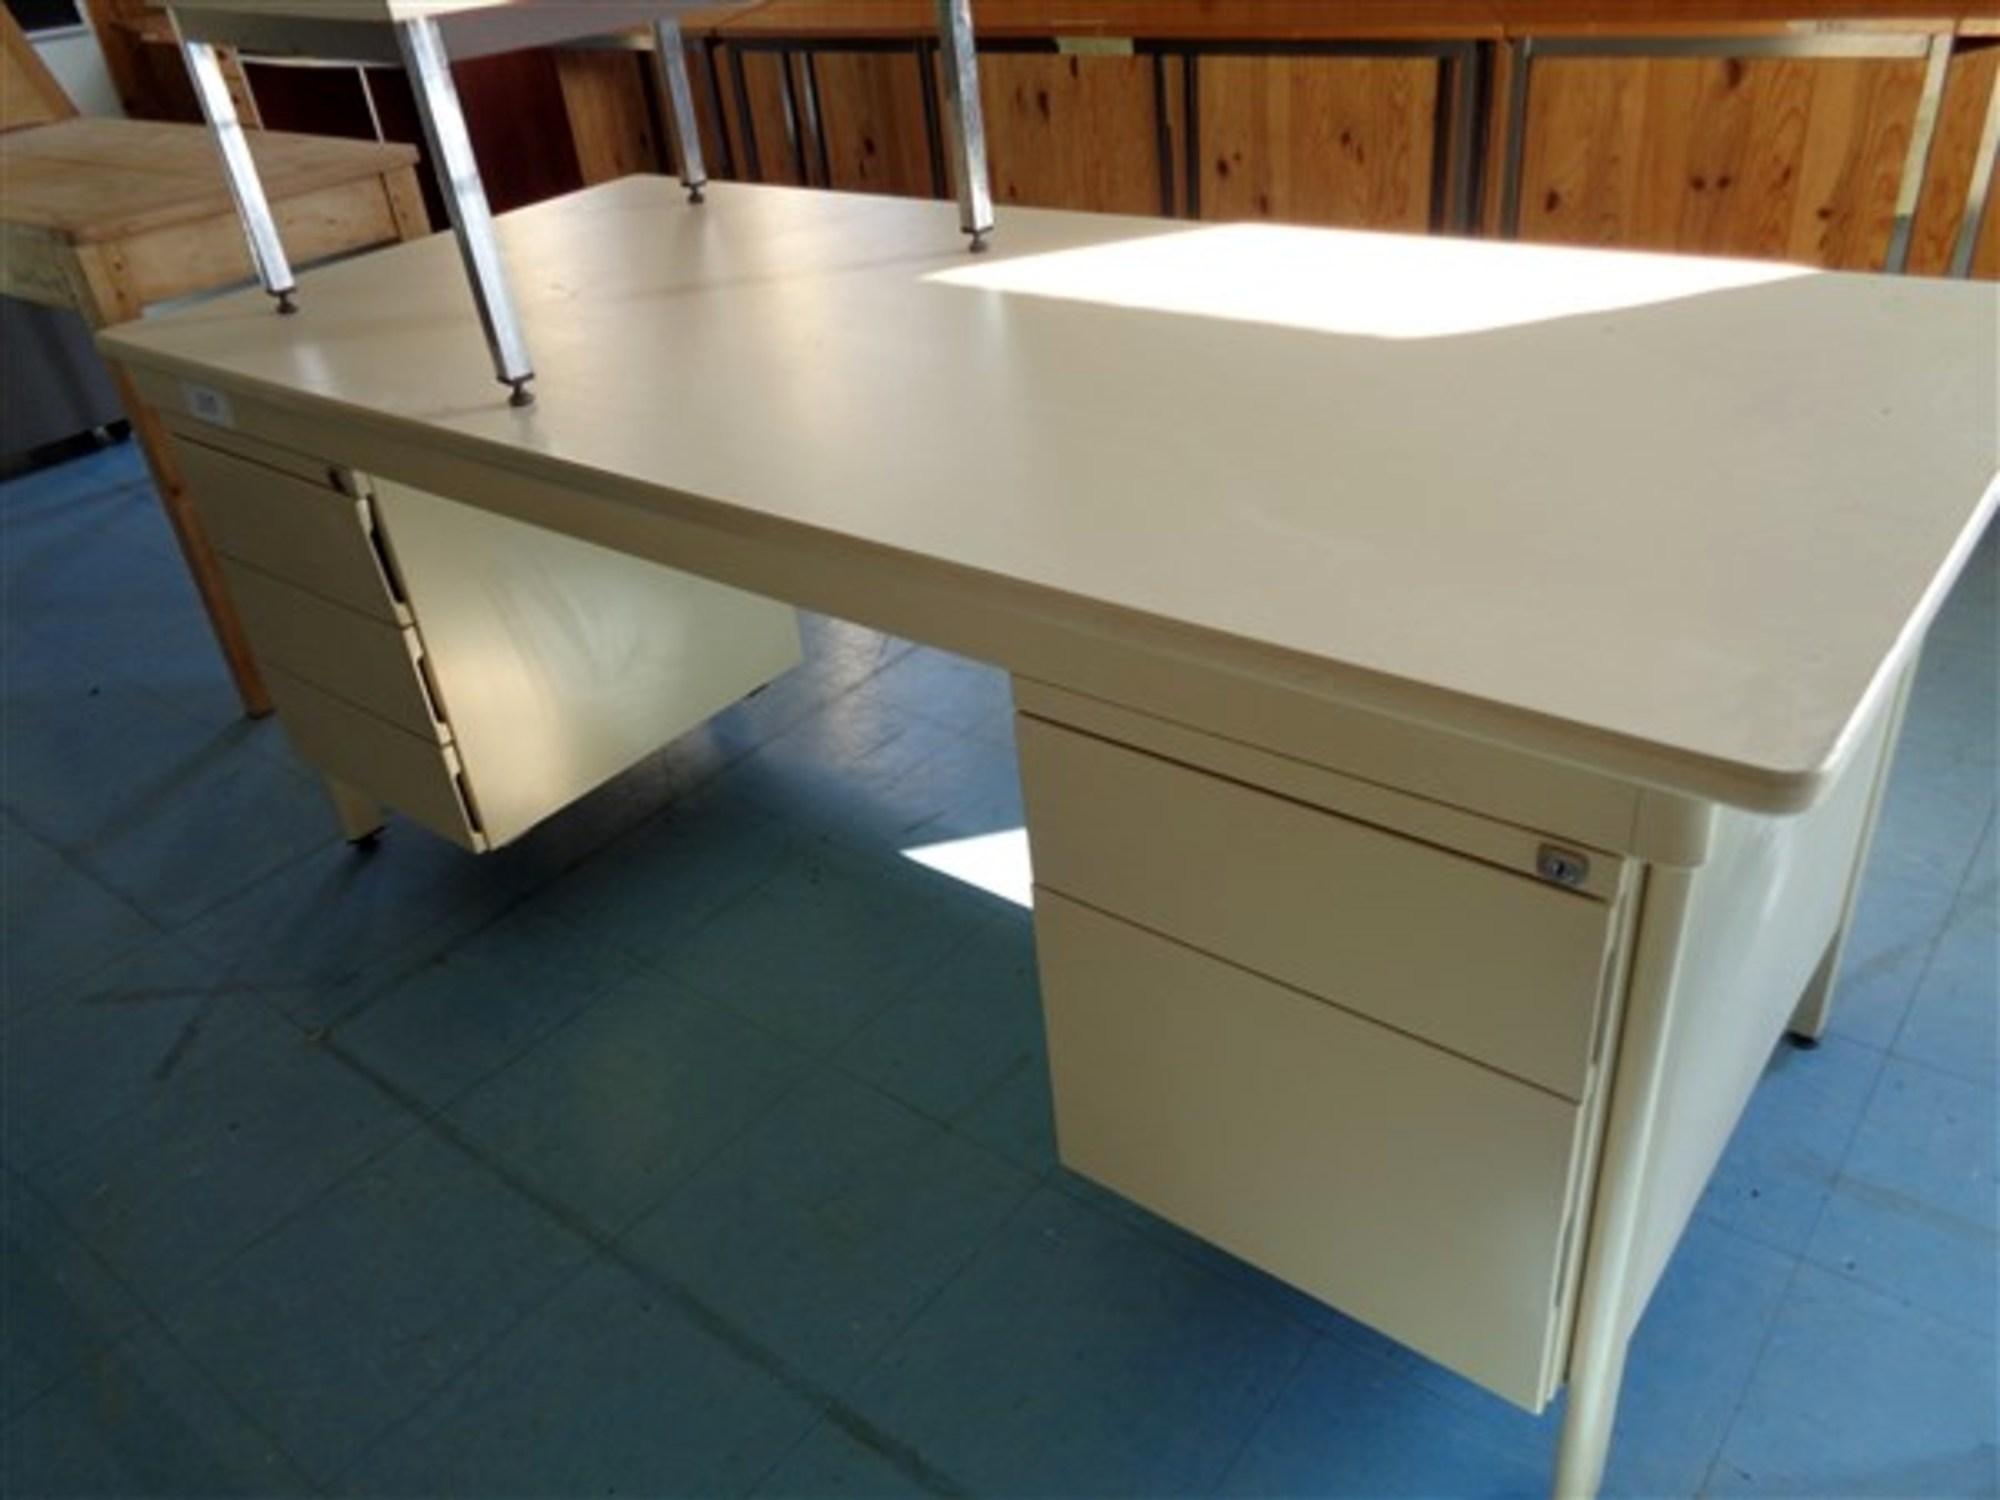 bureau ministre 2 rang es de tiroirs bureau d 39 occasion aux ench res agorastore. Black Bedroom Furniture Sets. Home Design Ideas